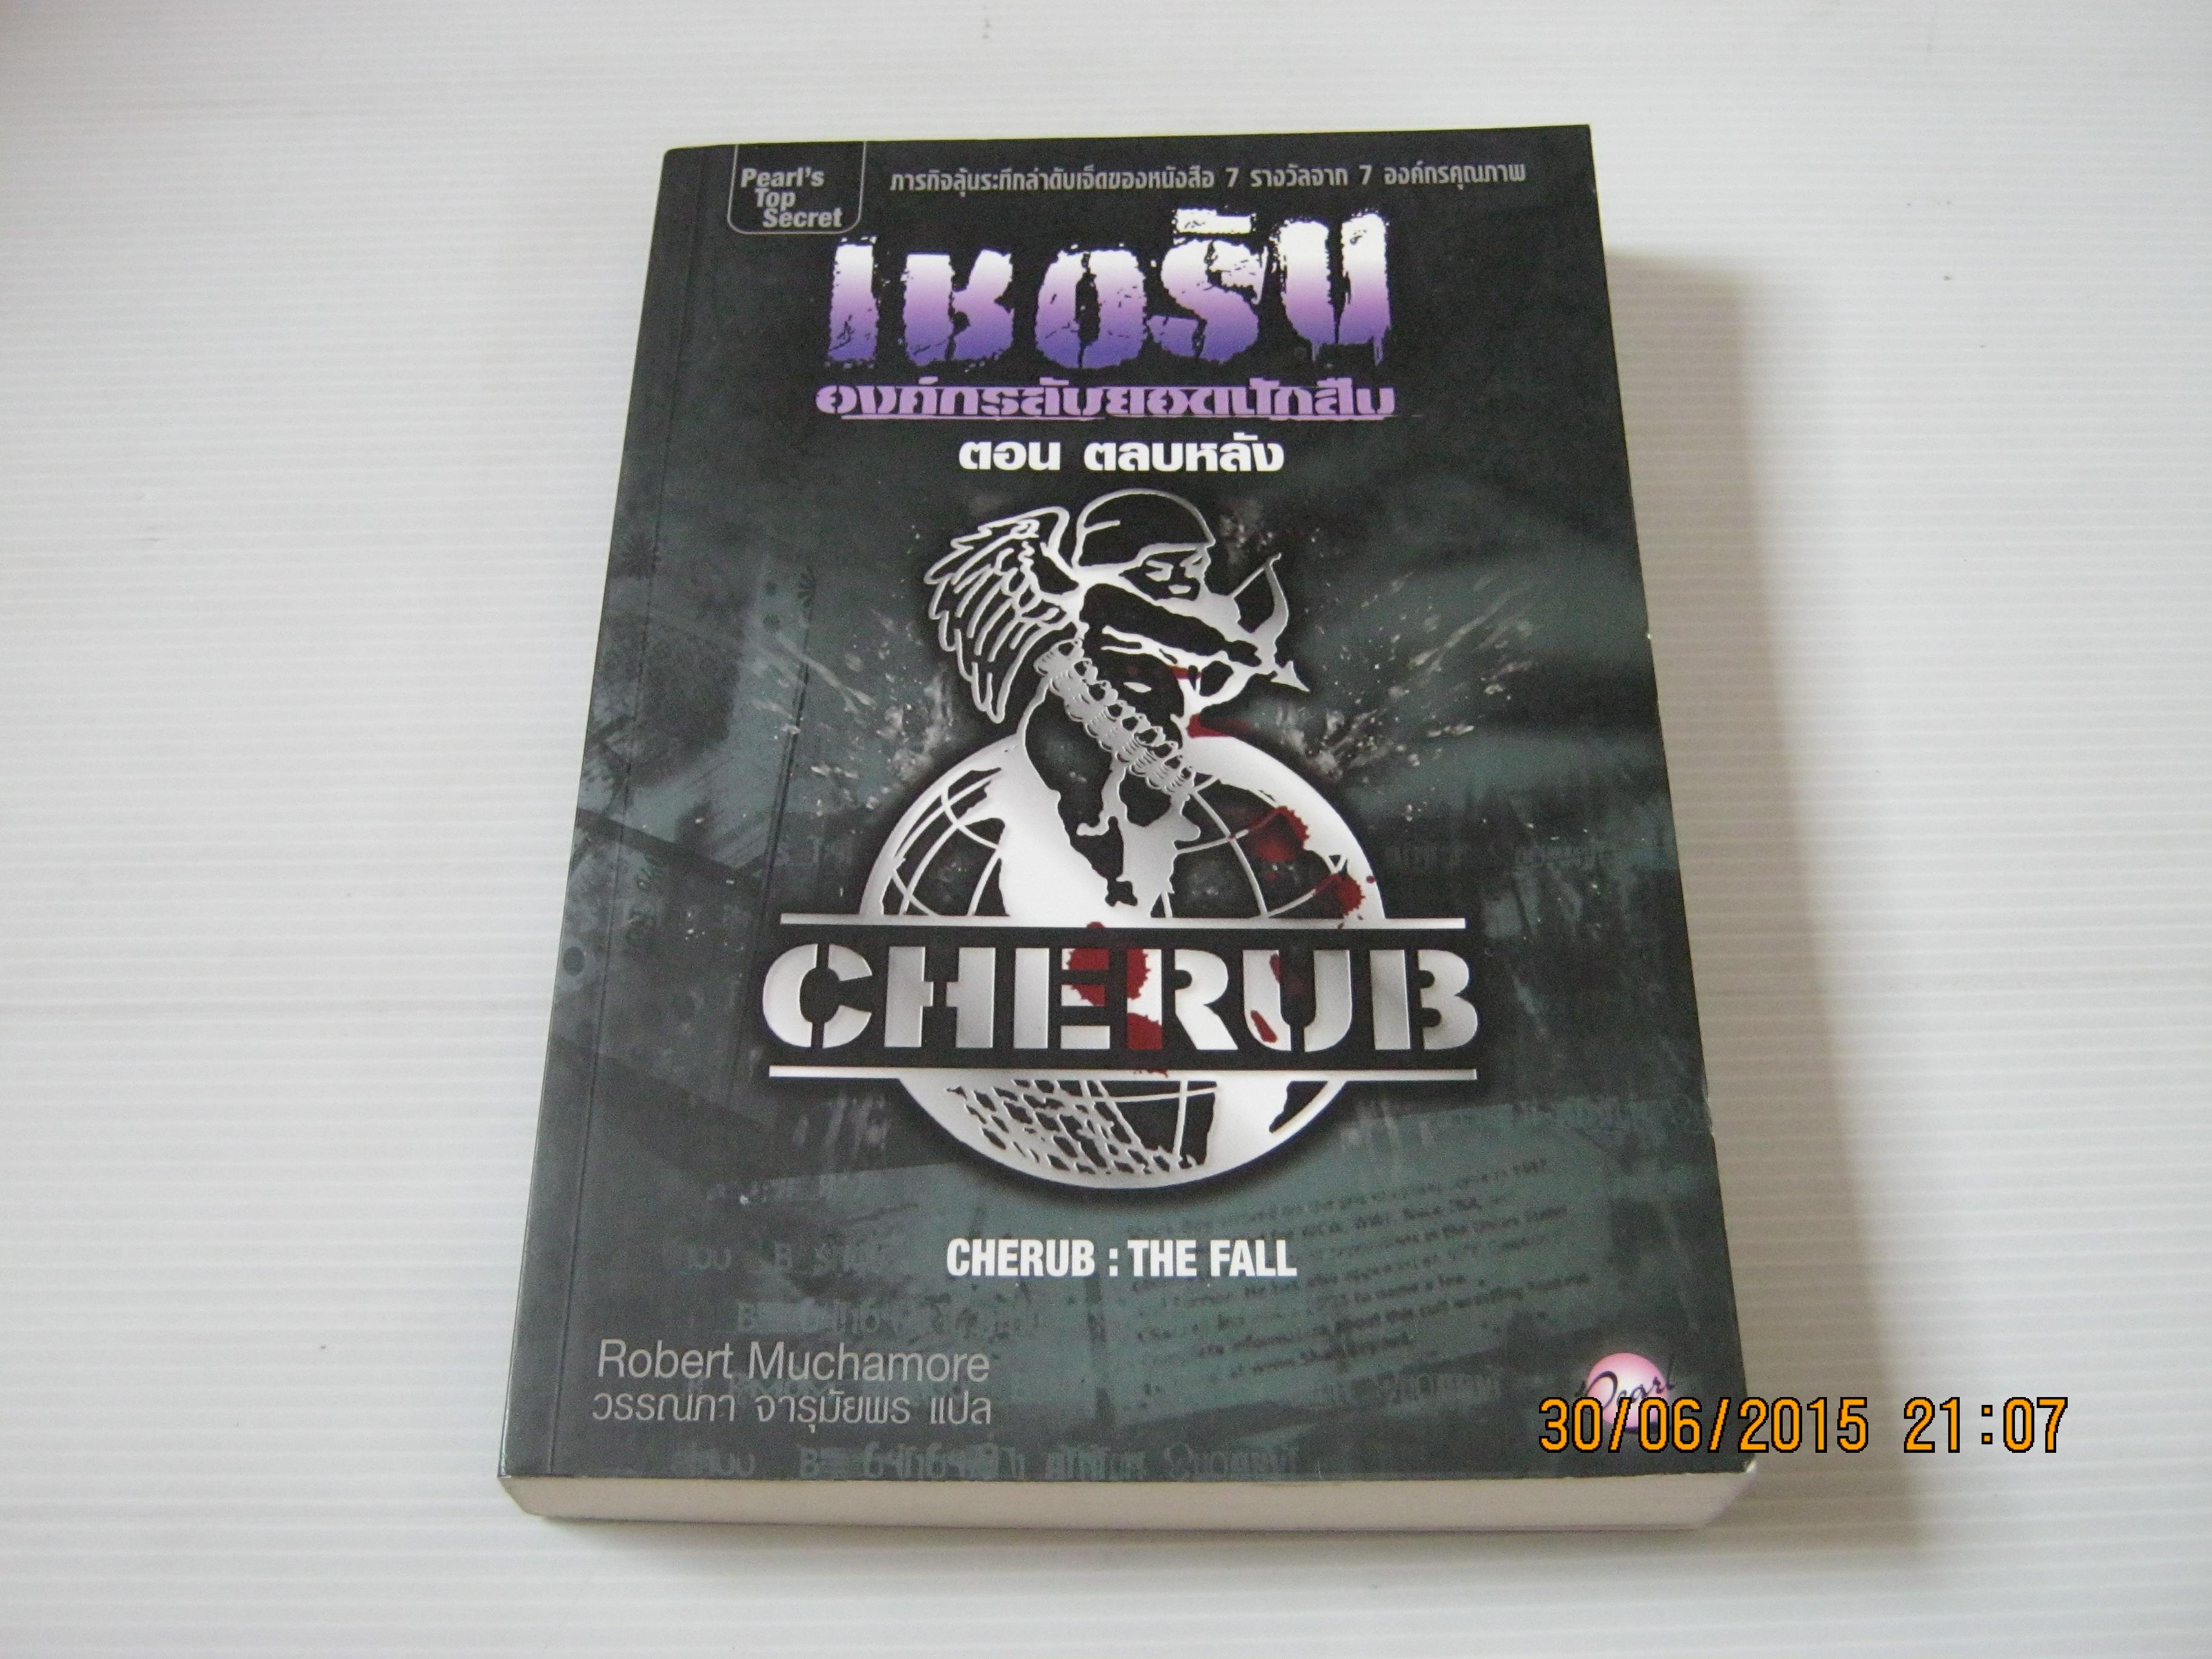 เชอรับ องค์การลับยอดนักสืบ ตอน ตลบหลัง (Cherub : The Fall) Robert Muchamore เขียน วรรณภา จารุมัยพร แปล